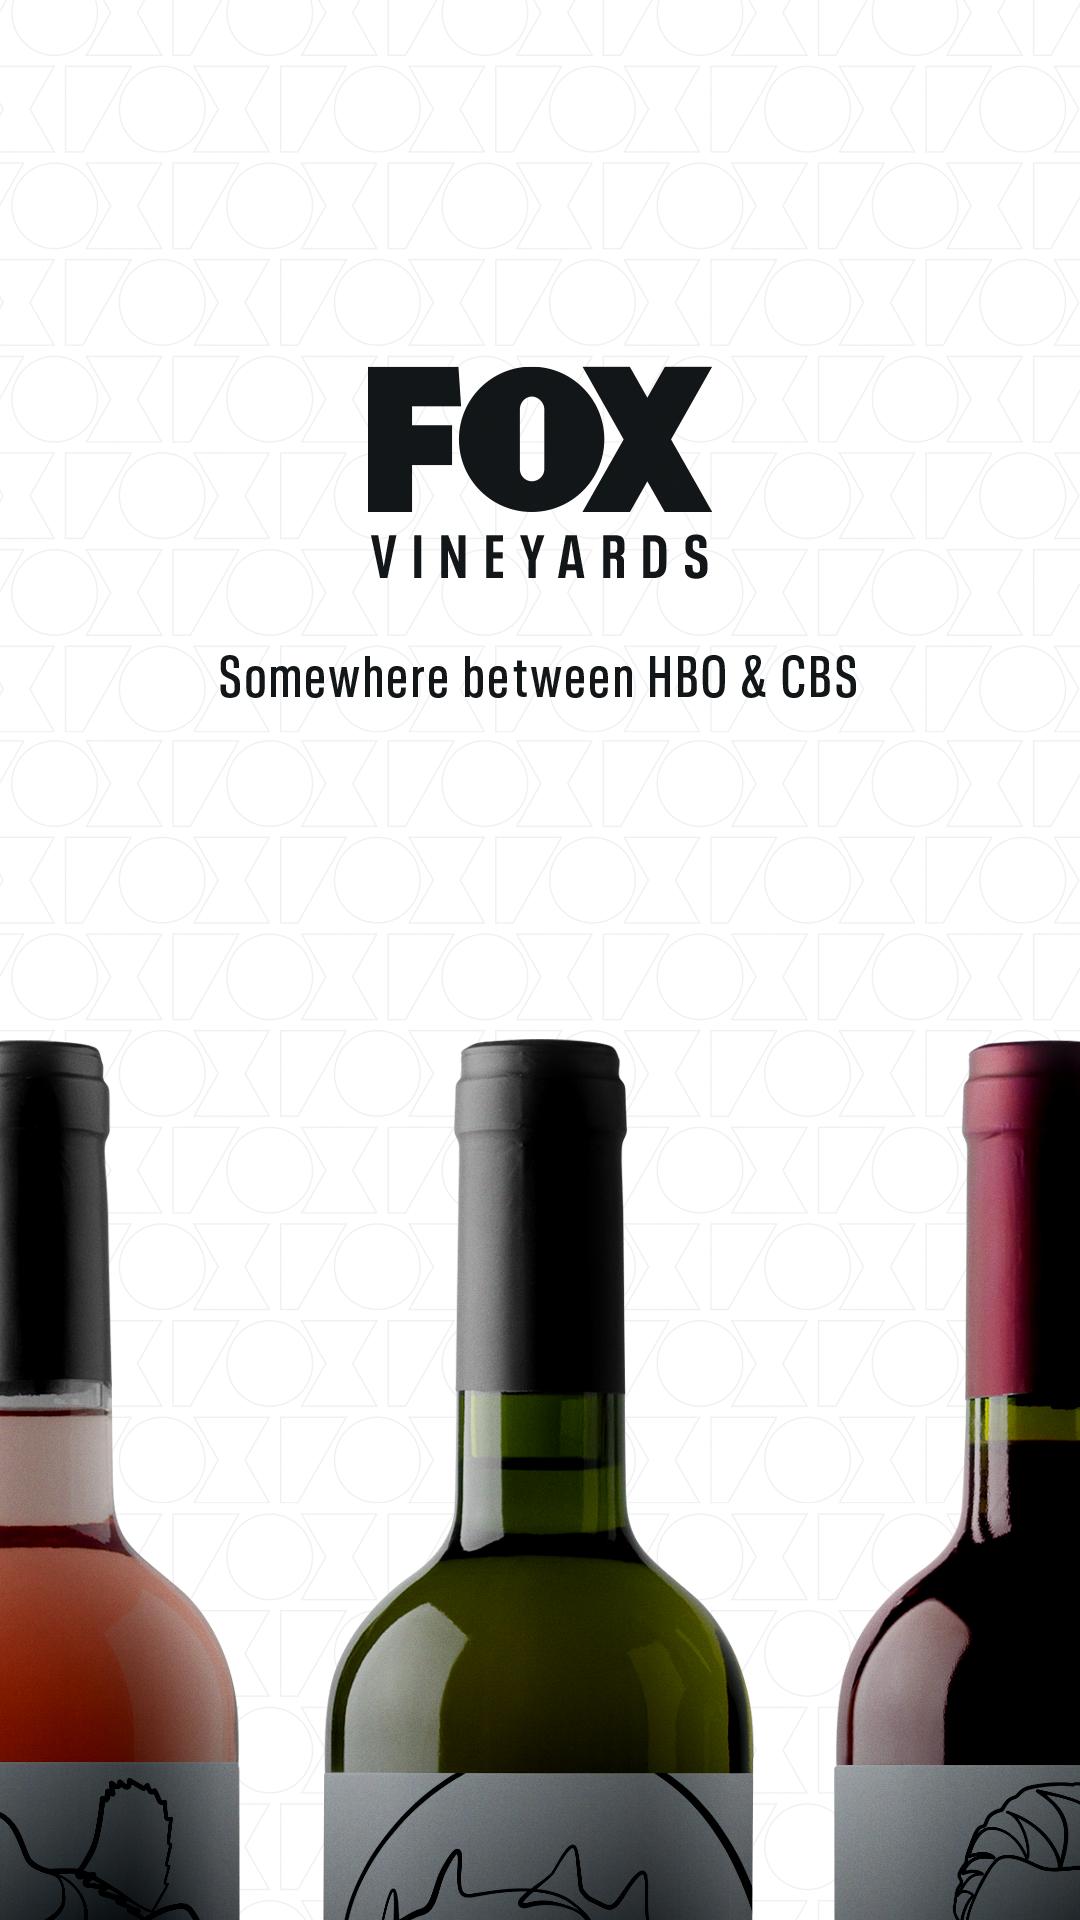 #Wine #FOXTV #HBO #CBS #Pinot #Rosé #WhiteWine #RedWine #WineWednesday #Vineyard #Winery